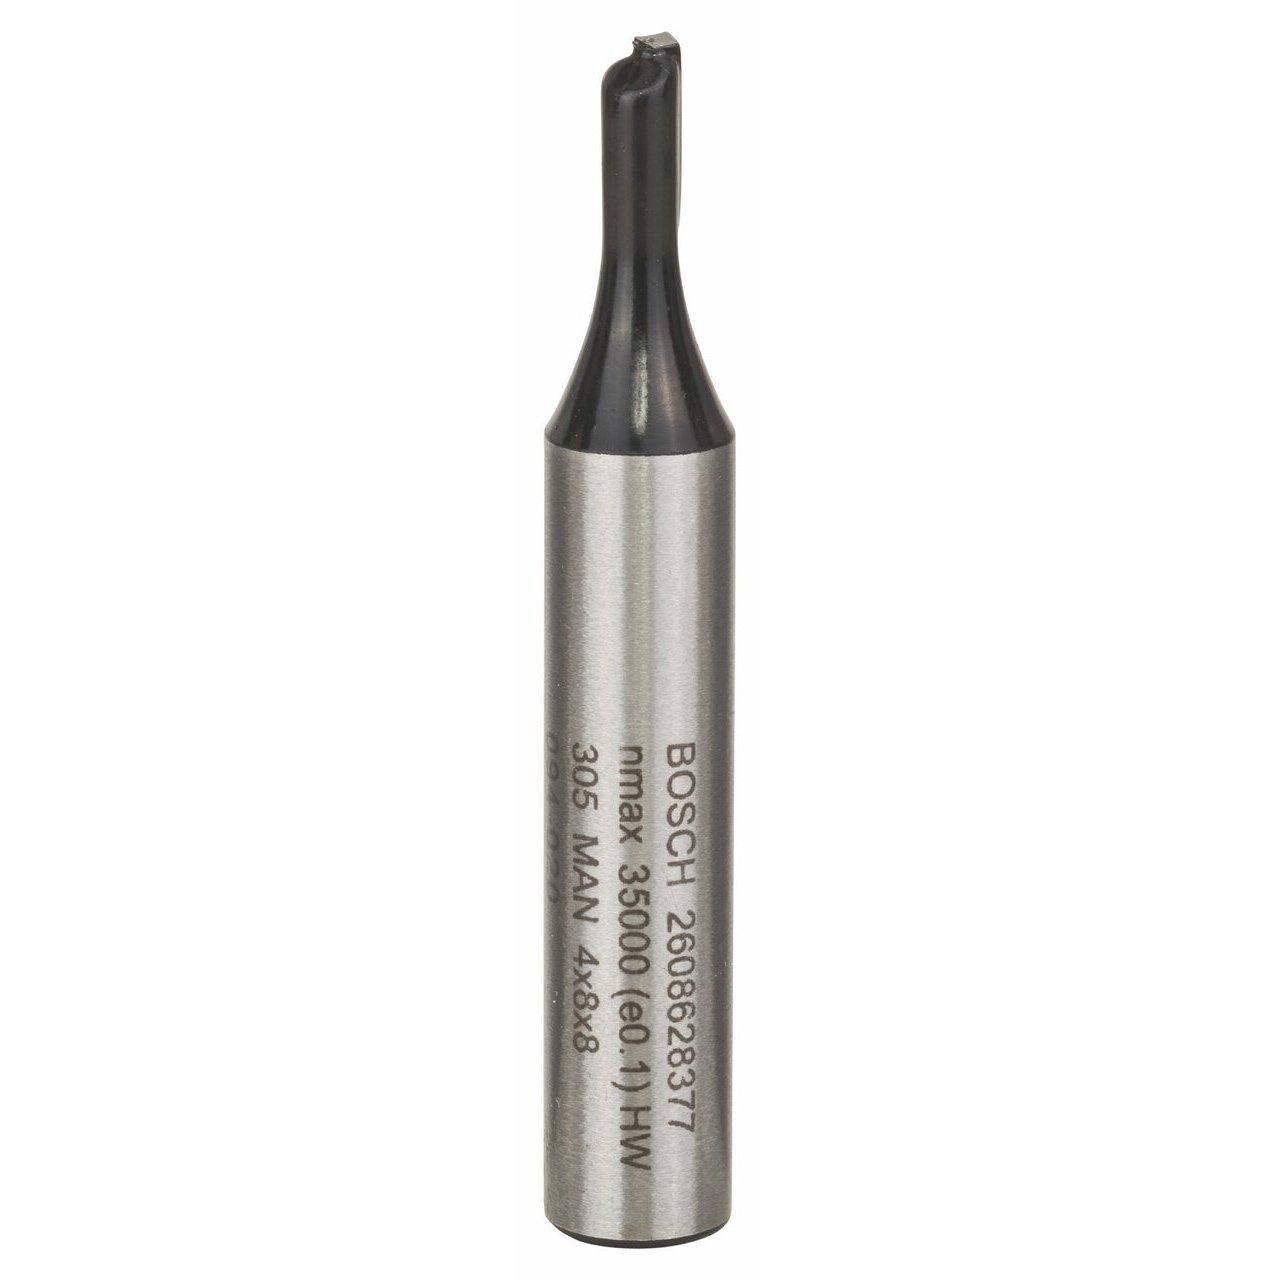 Bosch Zubehö r 2608628377 Nutfrä ser 8 mm, D1 4 mm, L 8 mm, G 51 mm